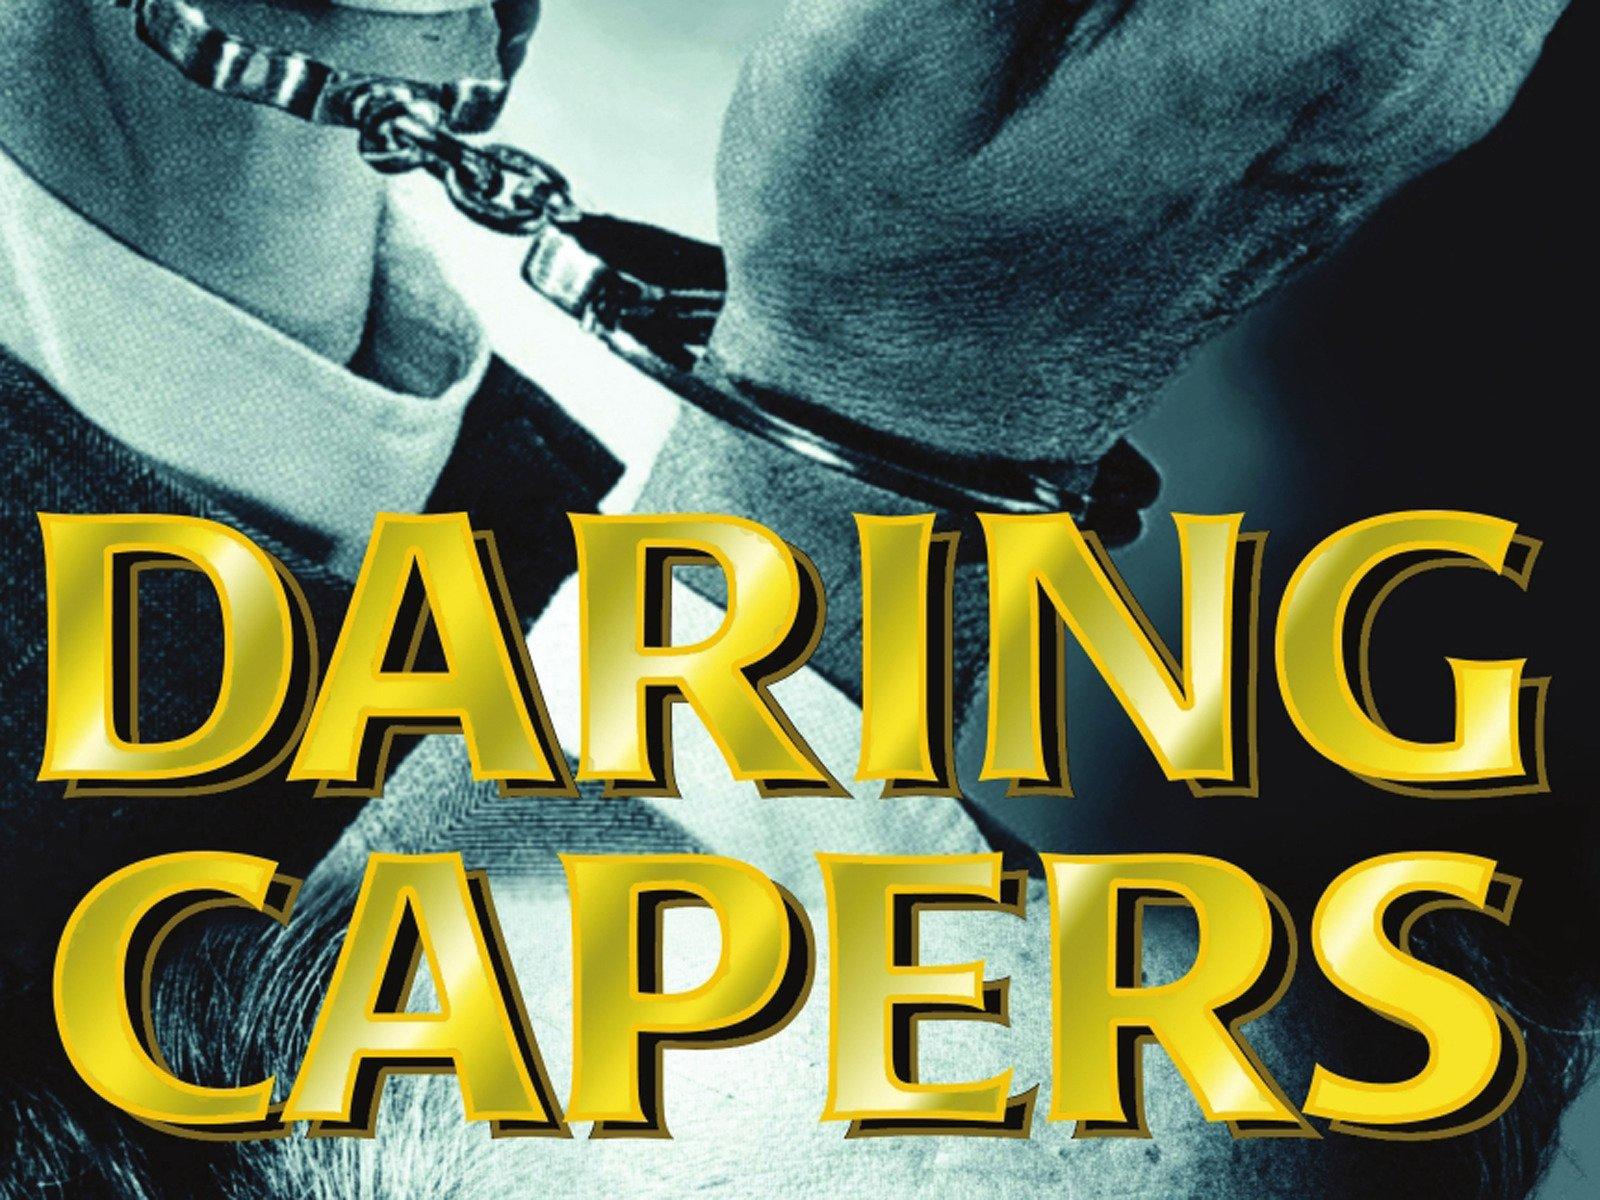 Daring Capers - Season 1